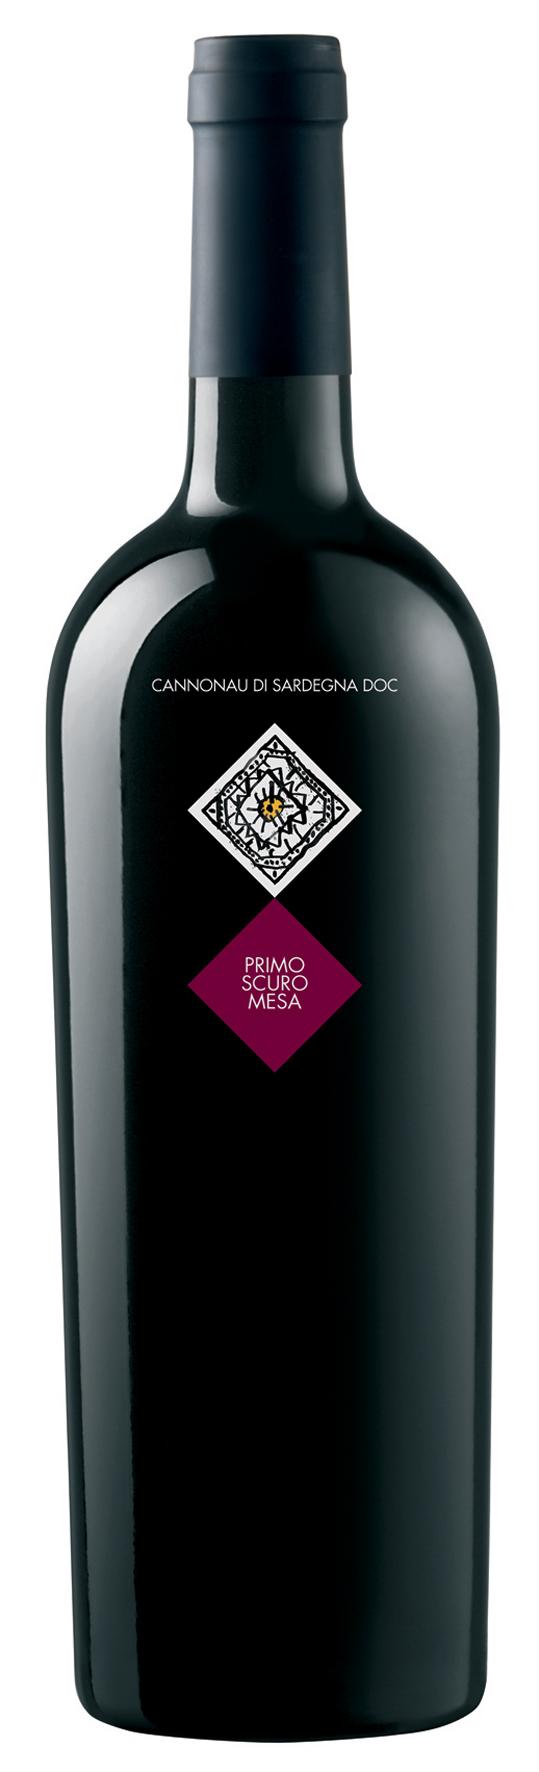 2015 Primo Scuro Cannonau di Sardegna DOC MESA